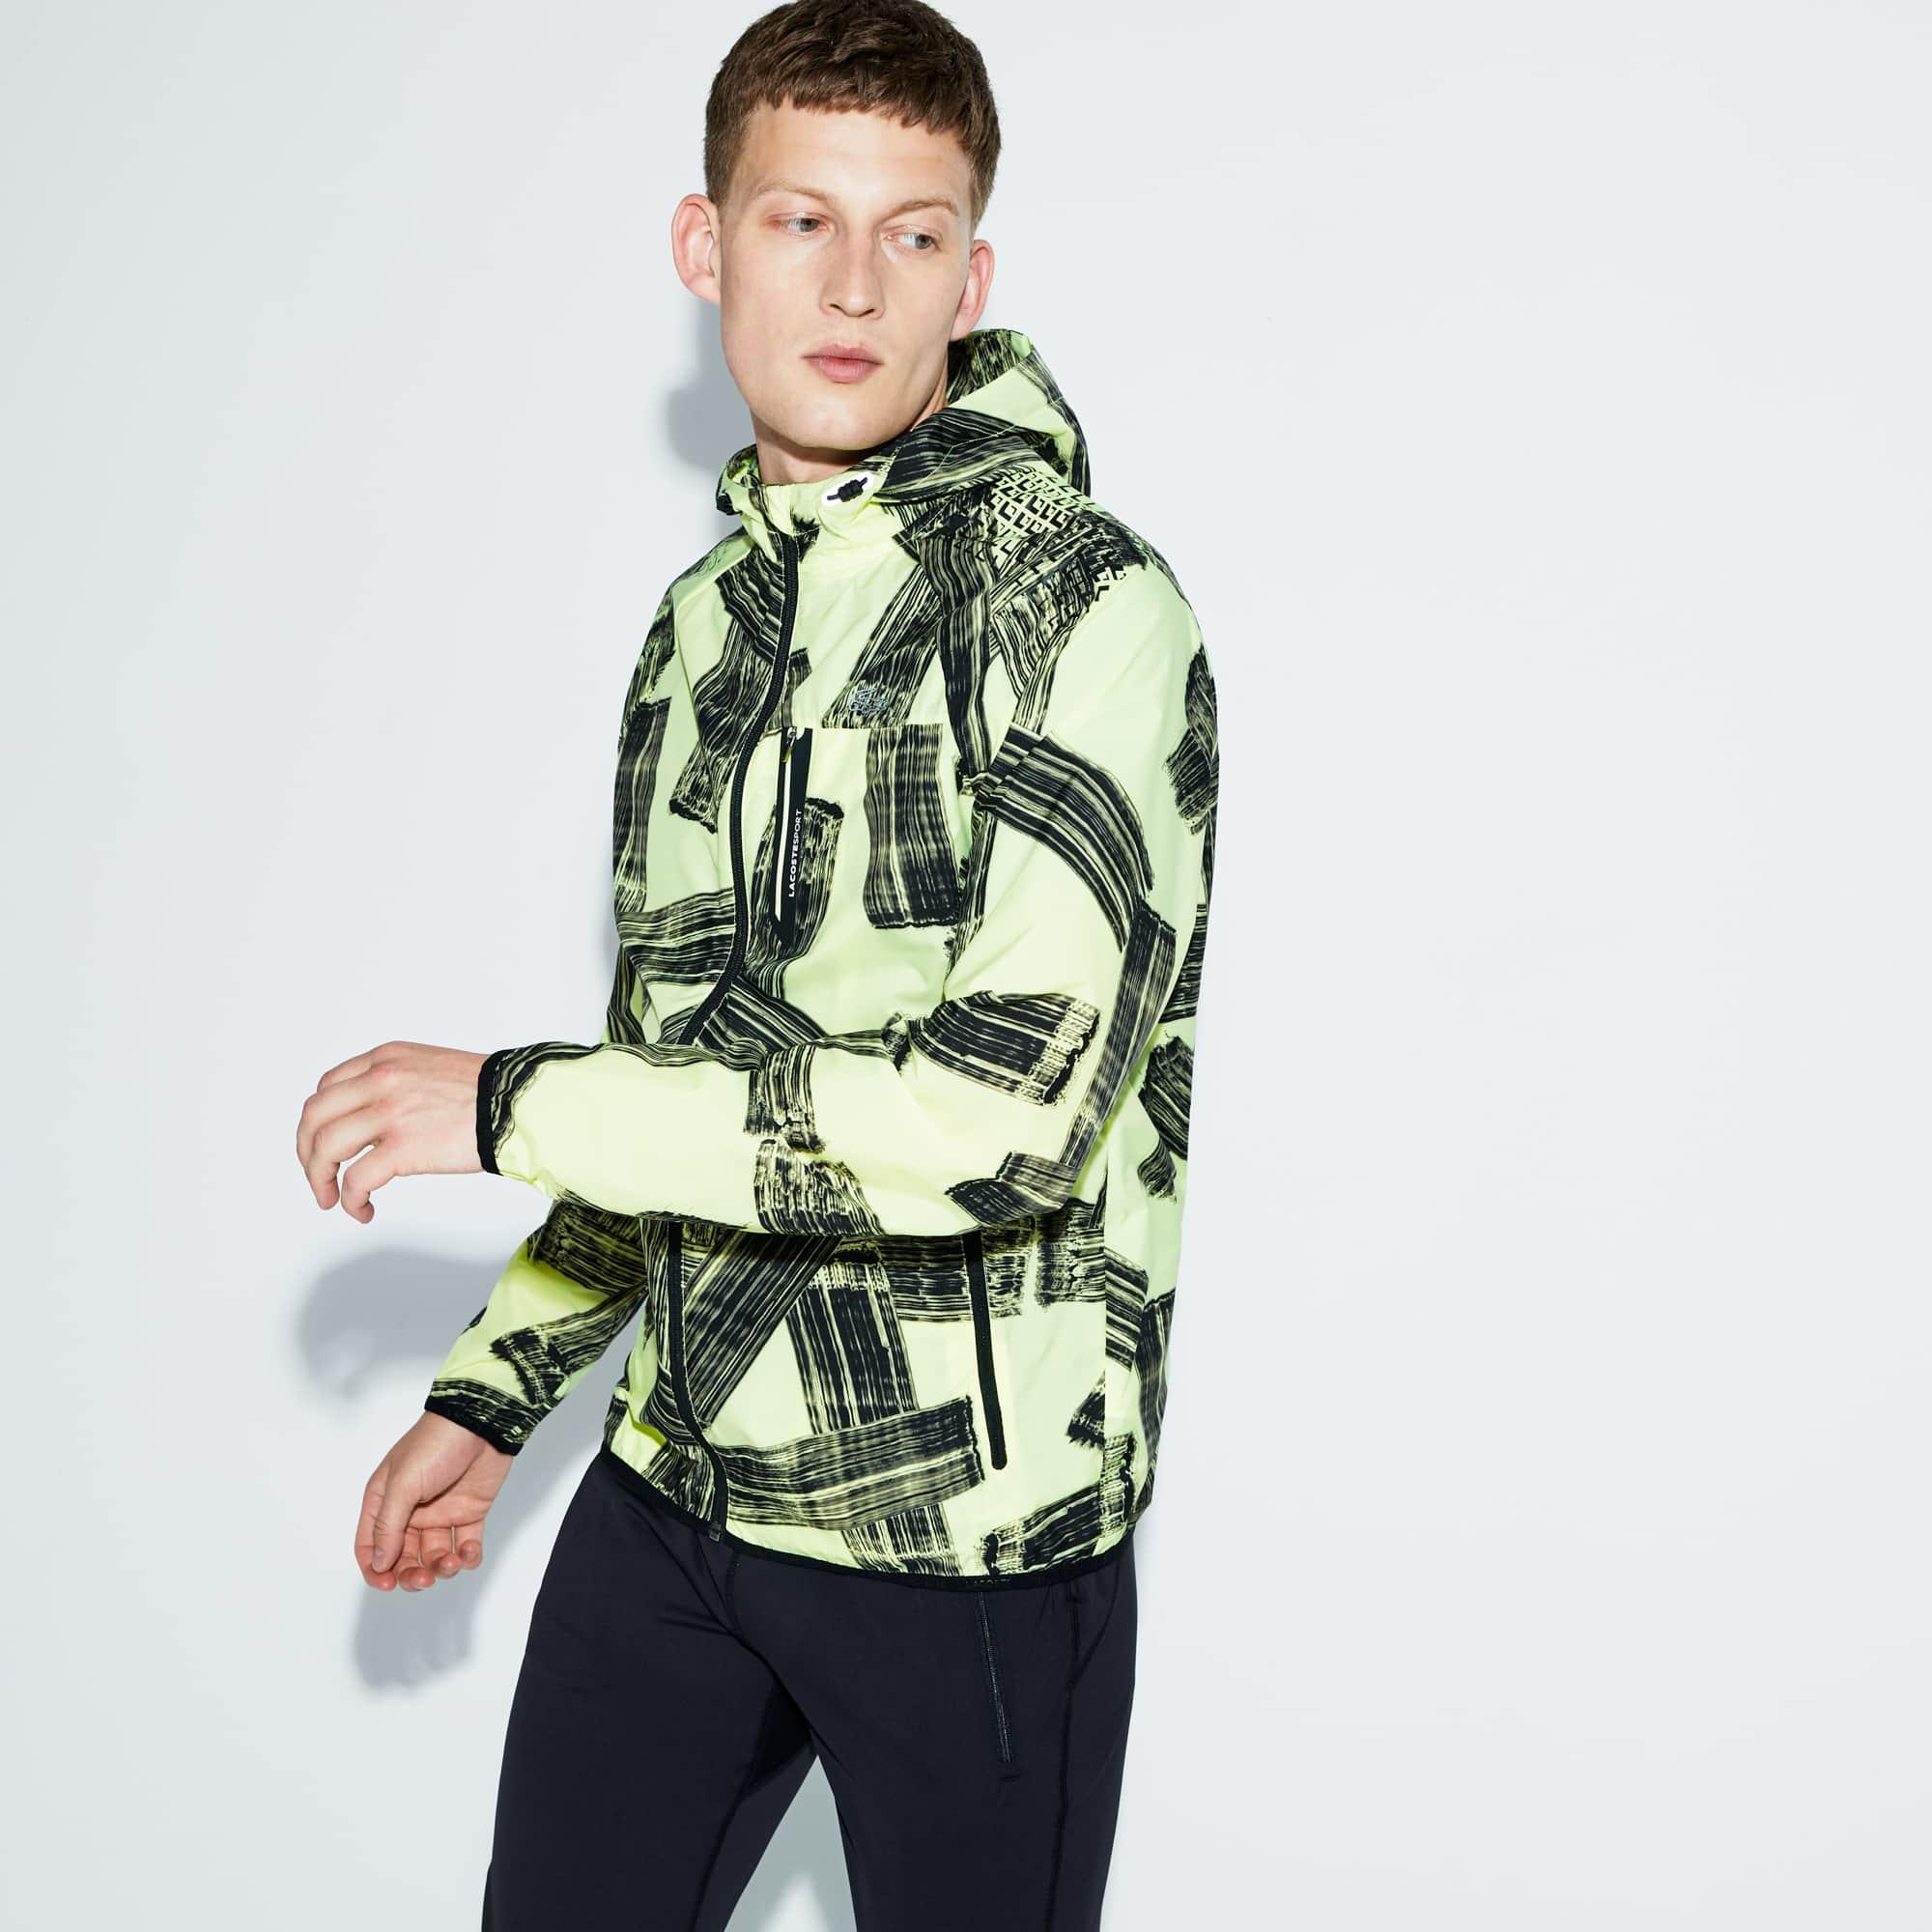 Lacoste Jackets Men's SPORT Hooded Print Tennis Jacket